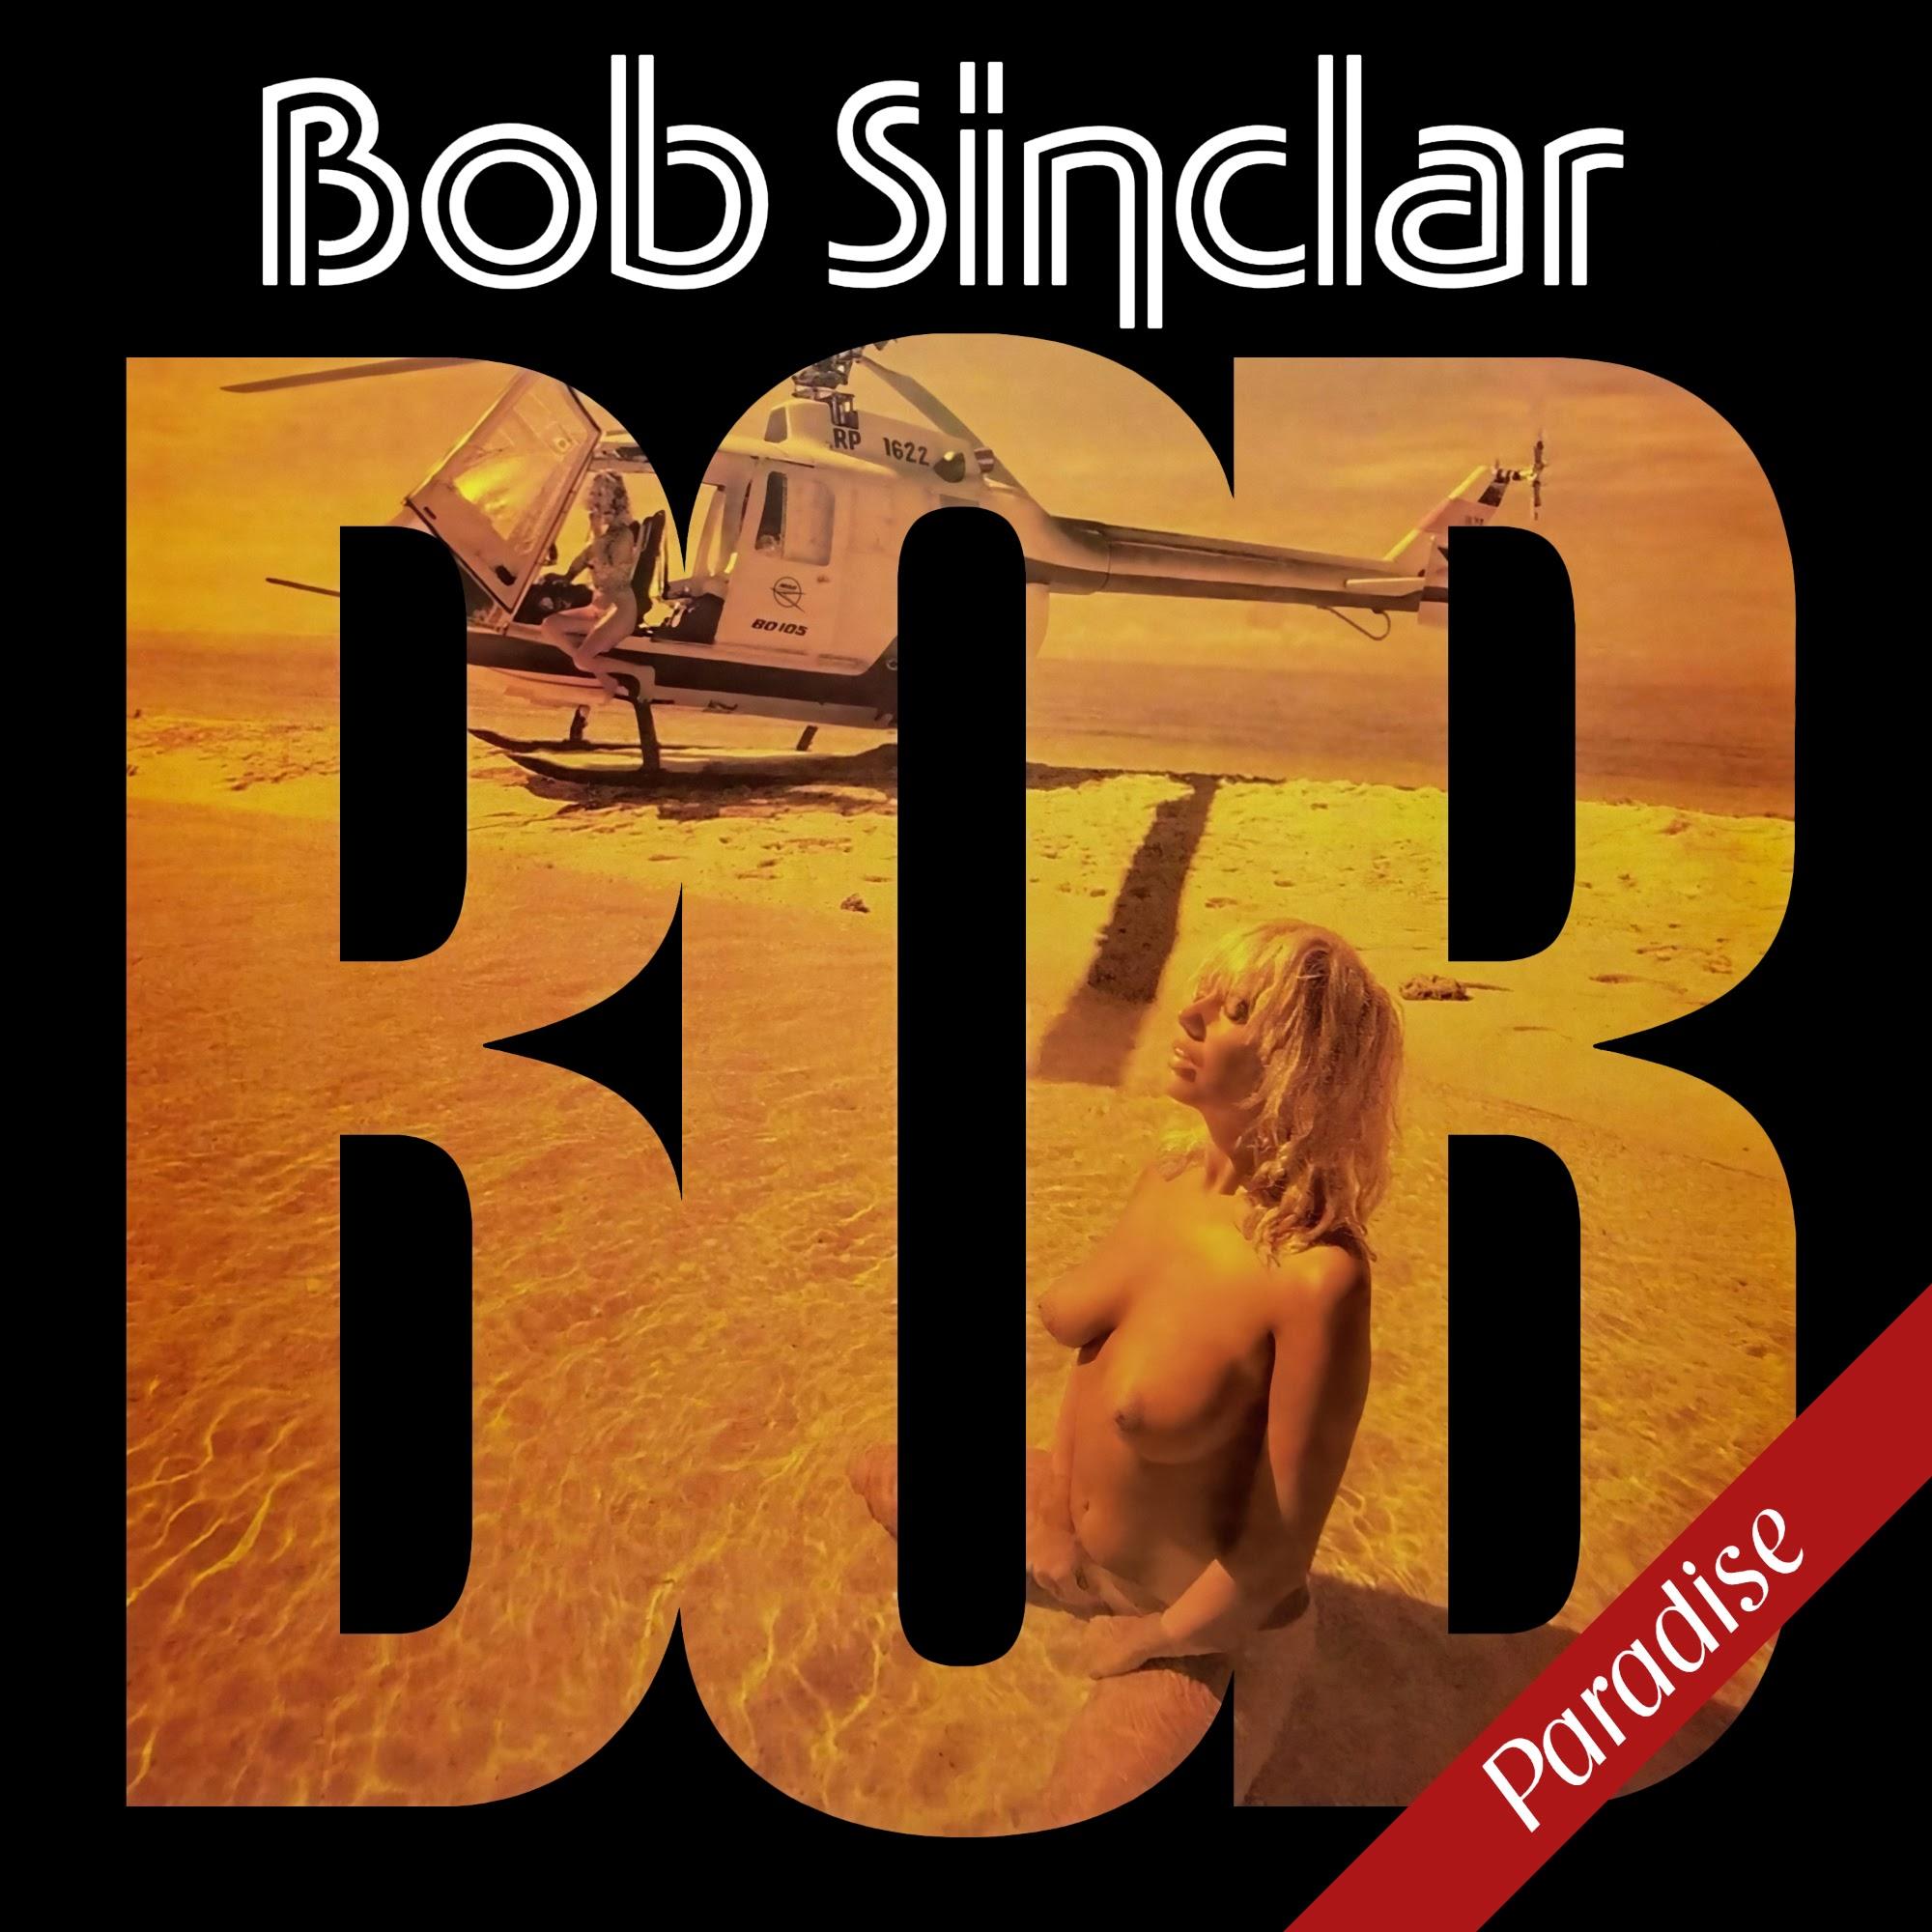 Album Artist: Bob Sinclar / Album Title: Paradise [Initial Release LP Cover]